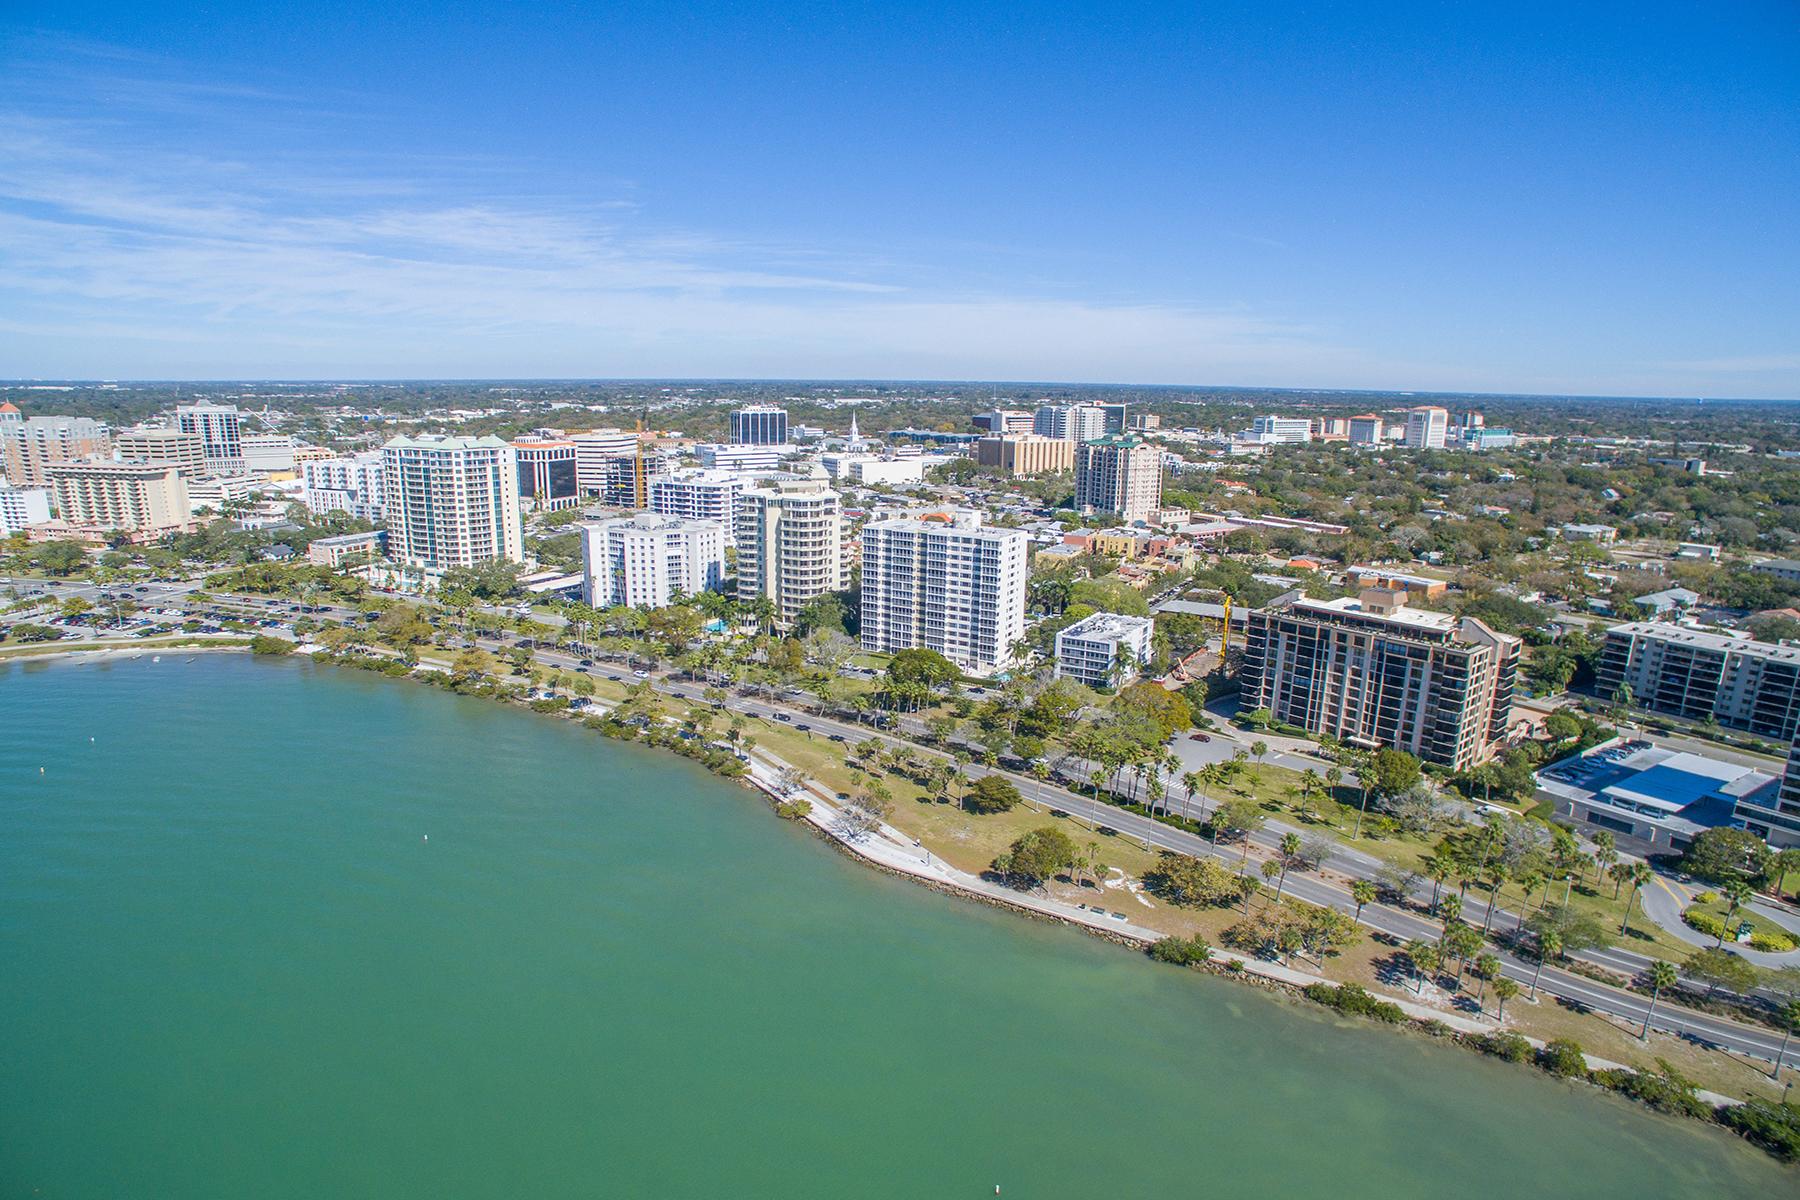 共管物業 為 出售 在 ESSEX HOUSE 707 S Gulfstream Ave 904 Sarasota, 佛羅里達州, 34236 美國